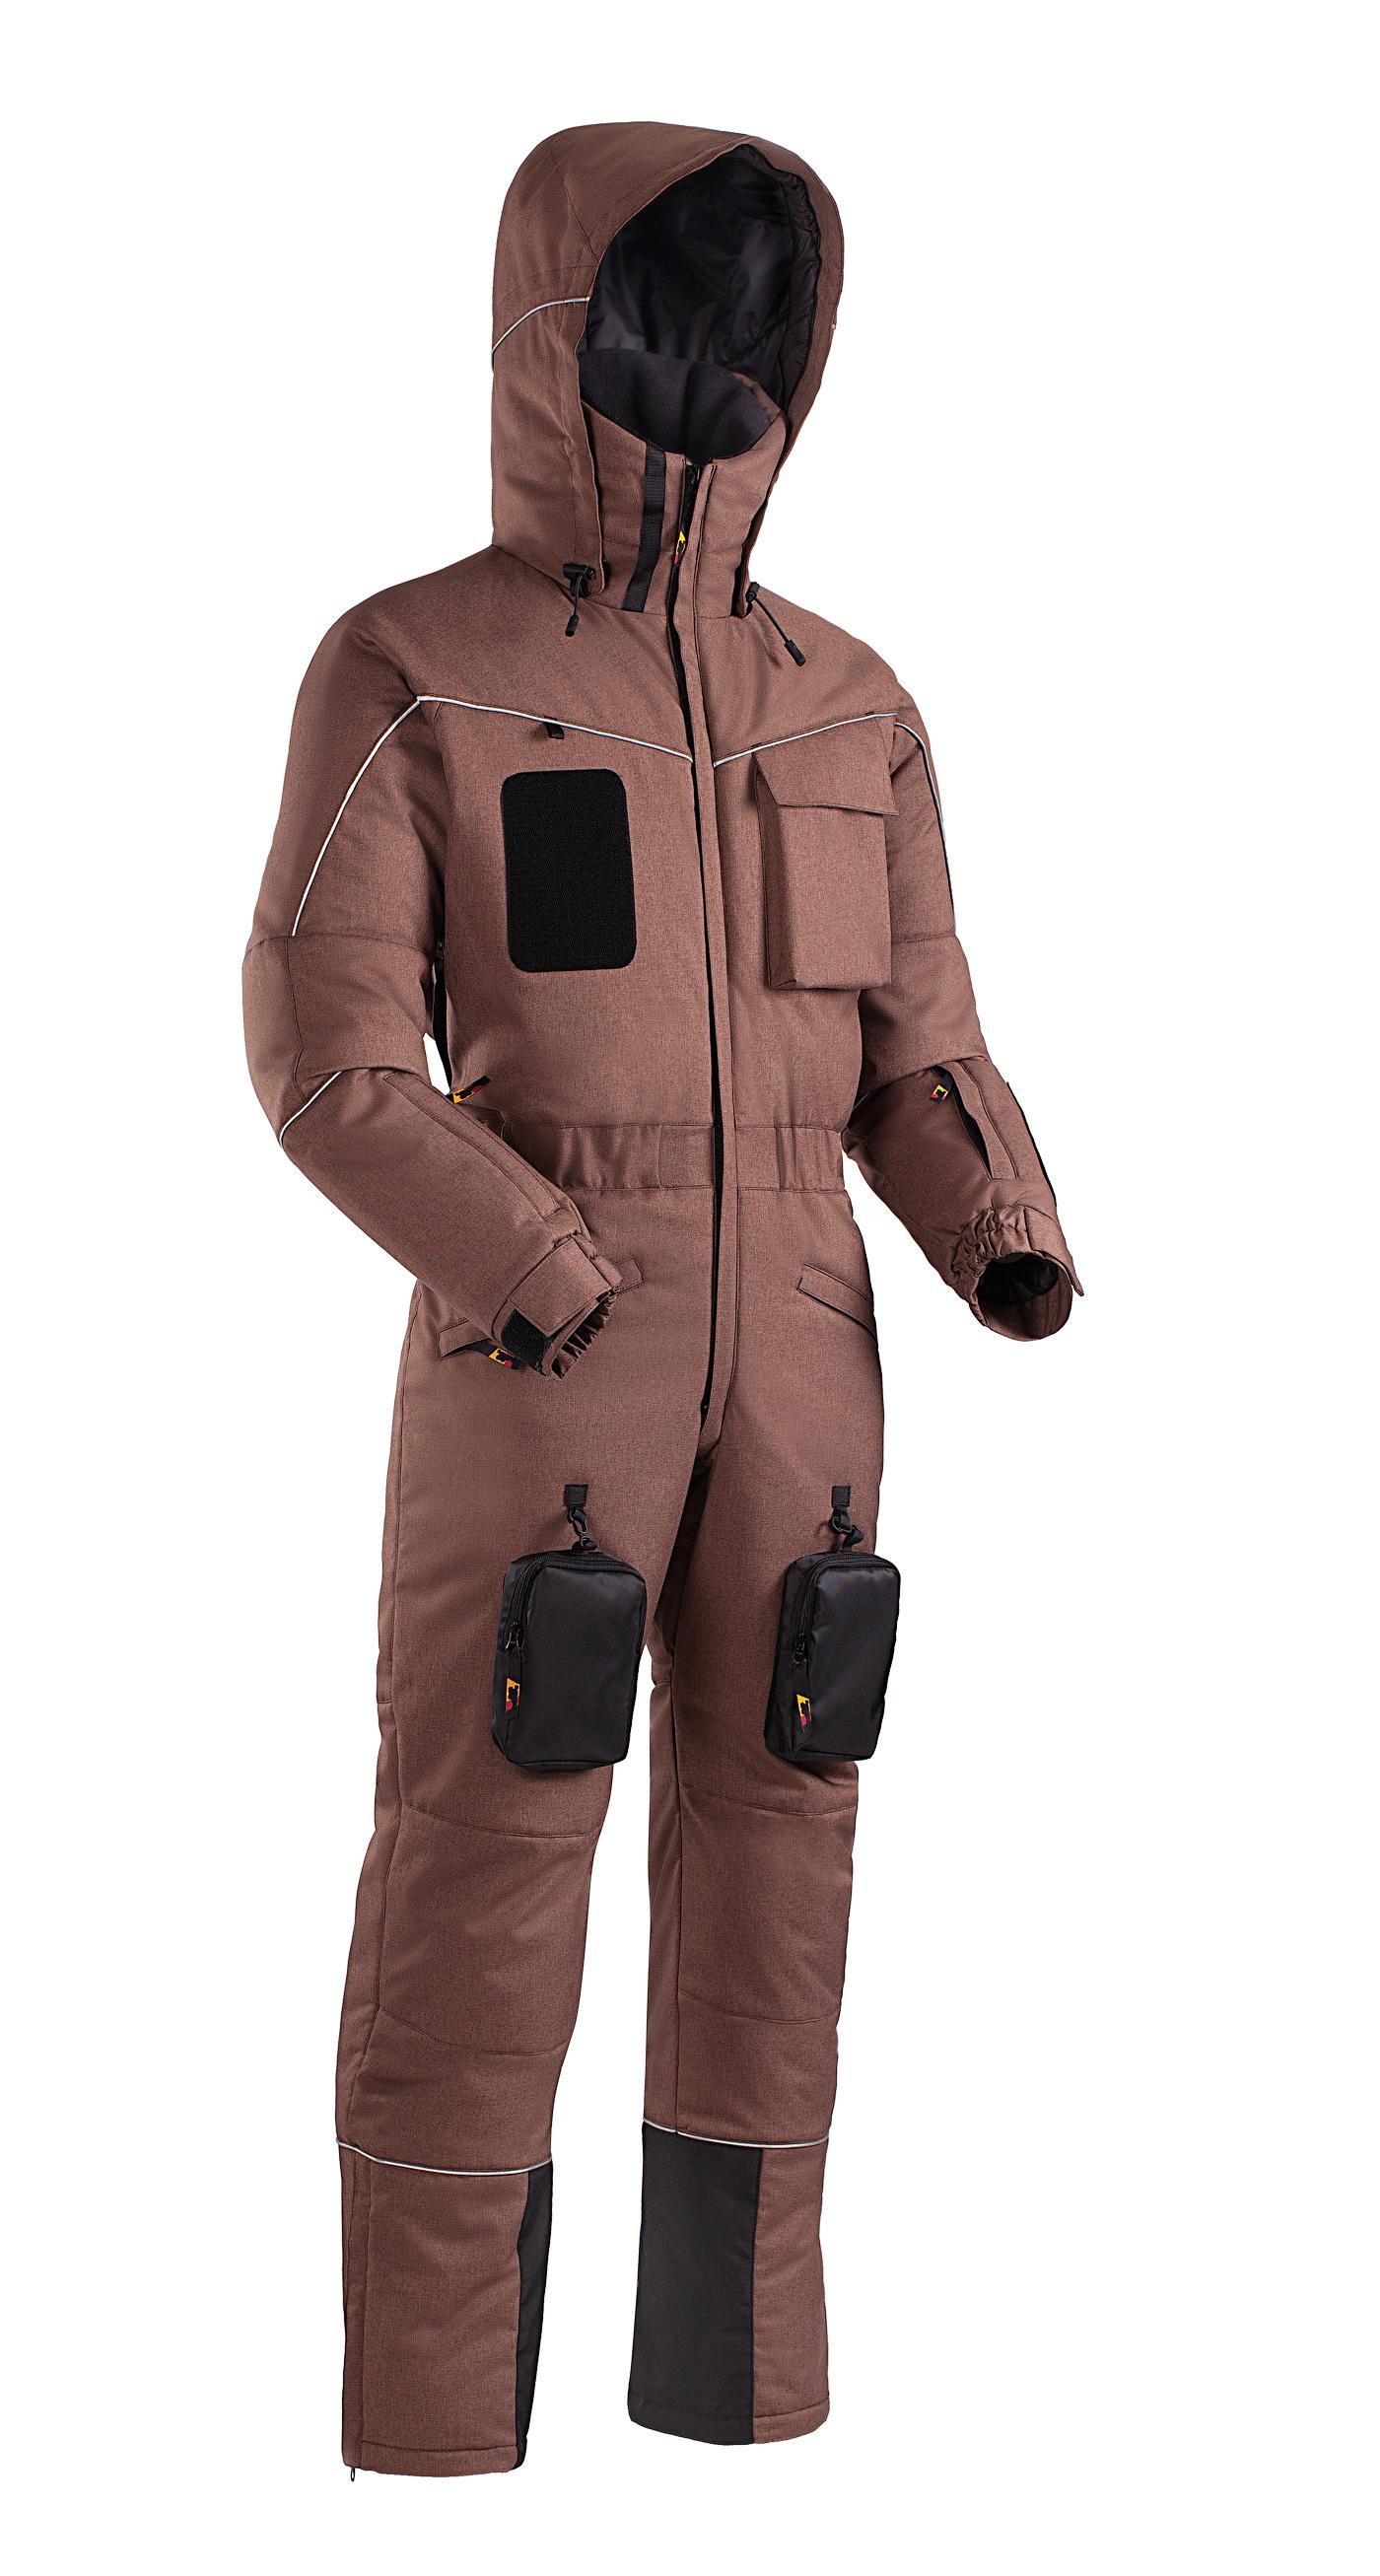 Купить Комбинезон утепленный BASK ROPE WORKER SUIT коричневый, Компания БАСК